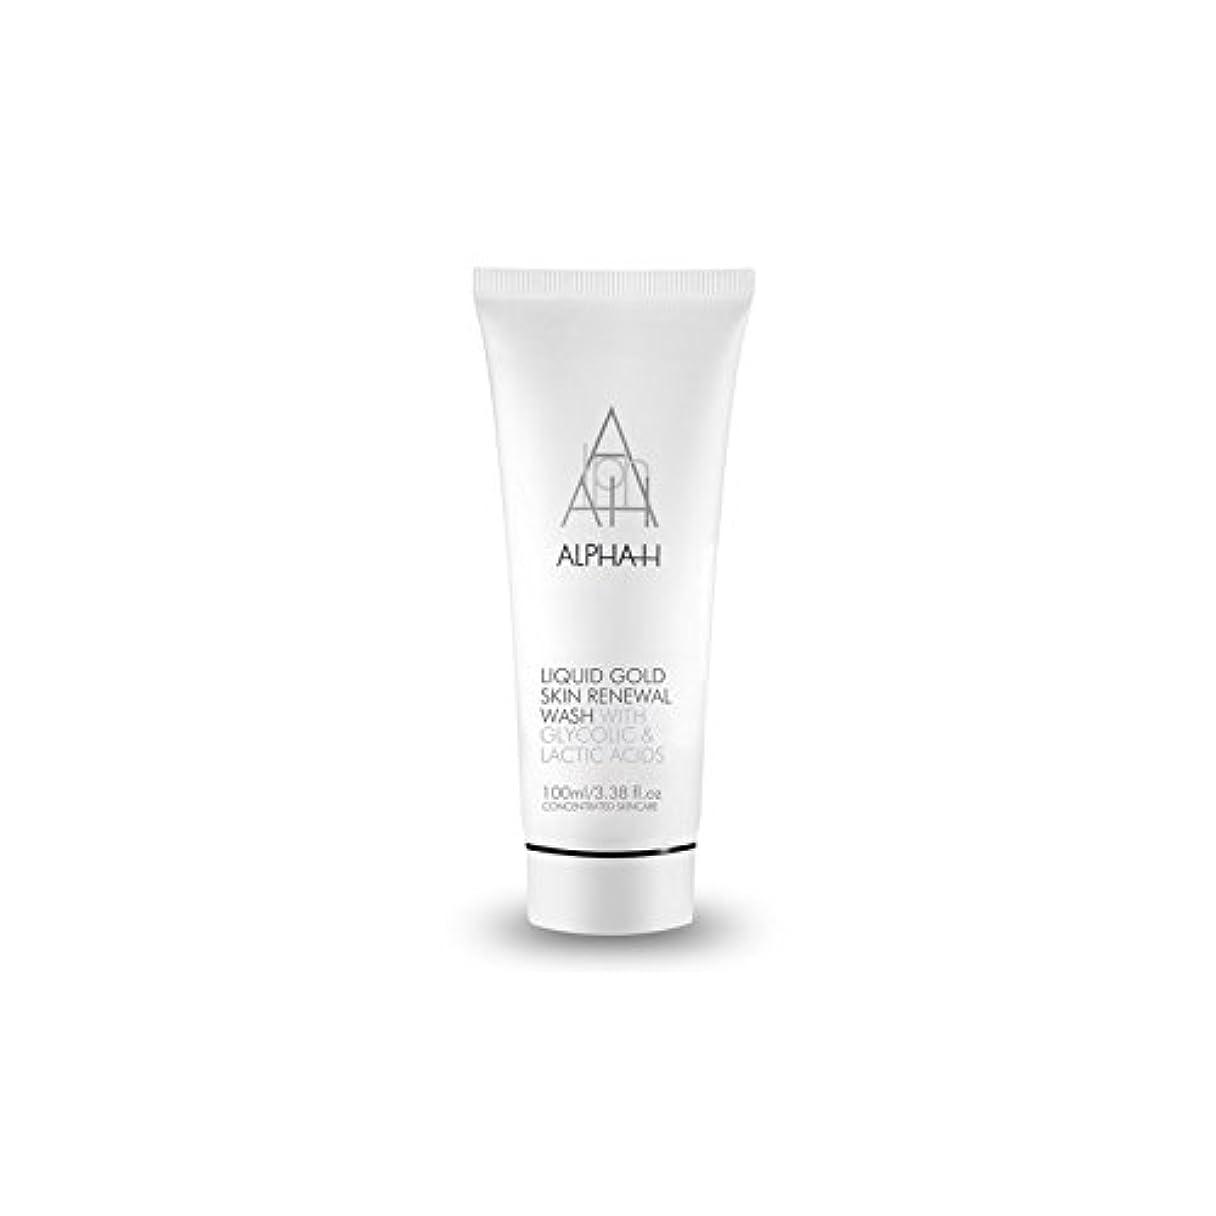 パフ交じる従事したAlpha H Gold Skin Renewal Wash (100ml) - アルファのゴールドスキンリニューアルウォッシュ(100ミリリットル) [並行輸入品]